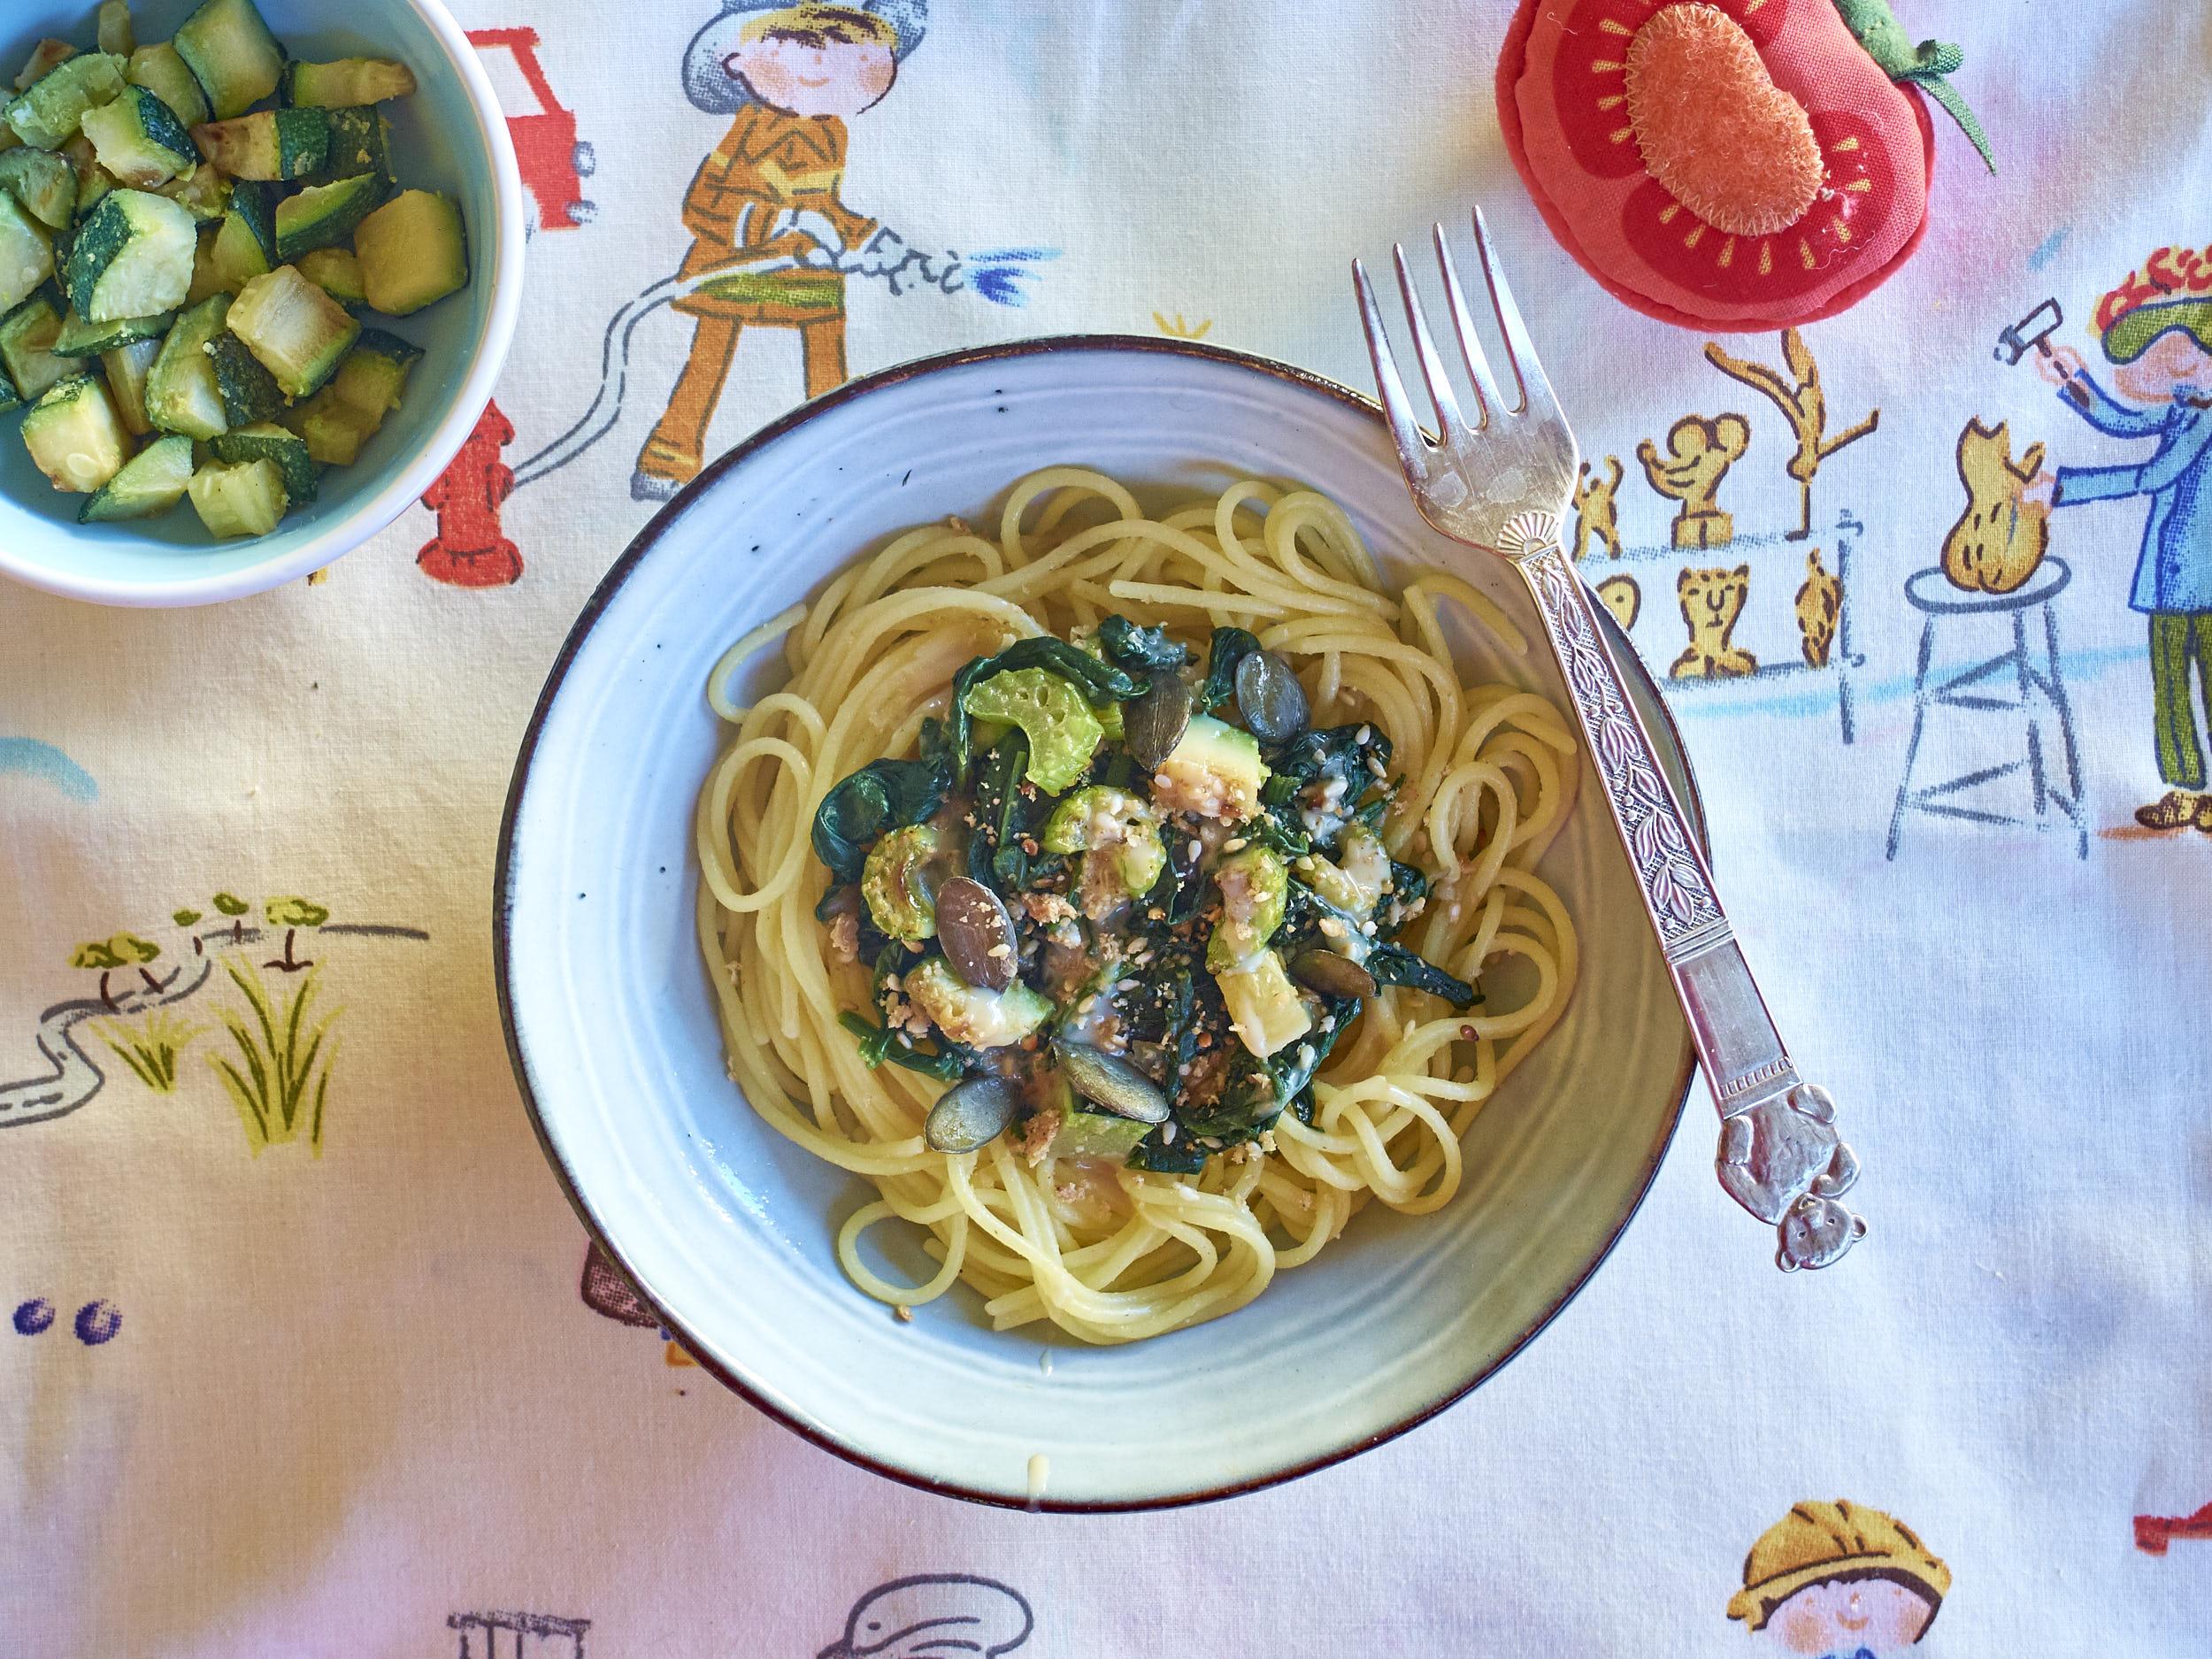 spenot_spagetti05_fin.jpg